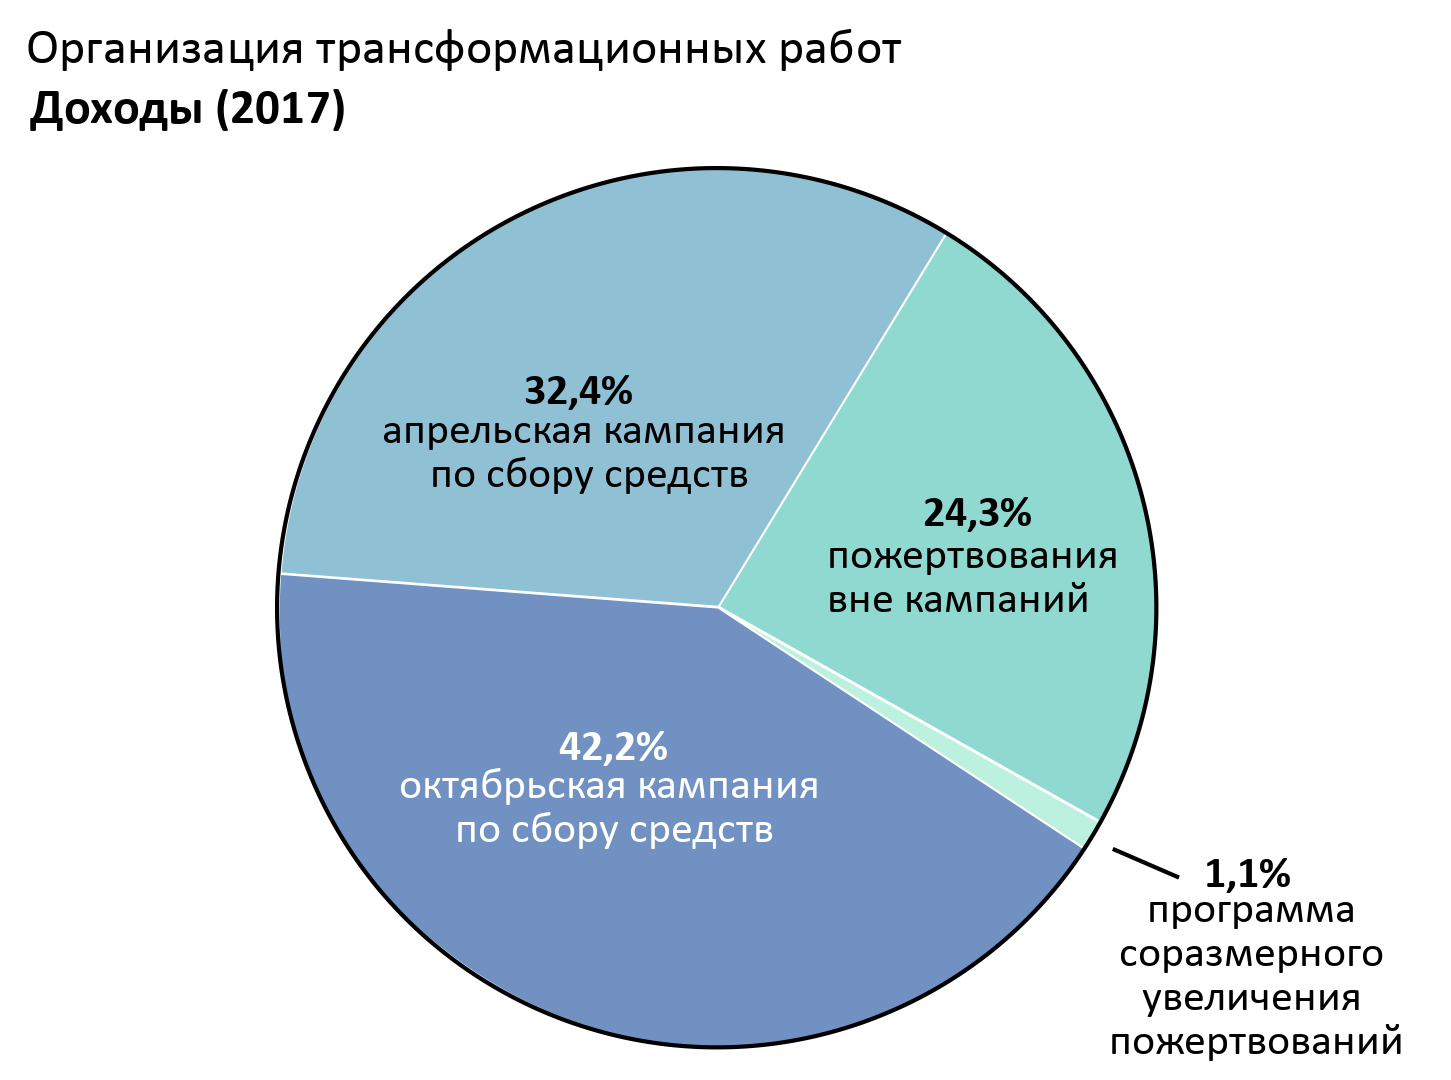 Доходы OTW: апрельская кампания по сбору средств: 32.4%, октябрьская кампания по сбору средств: 42.2%. Пожертвования вне кампаний: 24.3%. Программа соразмерного увеличения пожертвований: 1.1%.